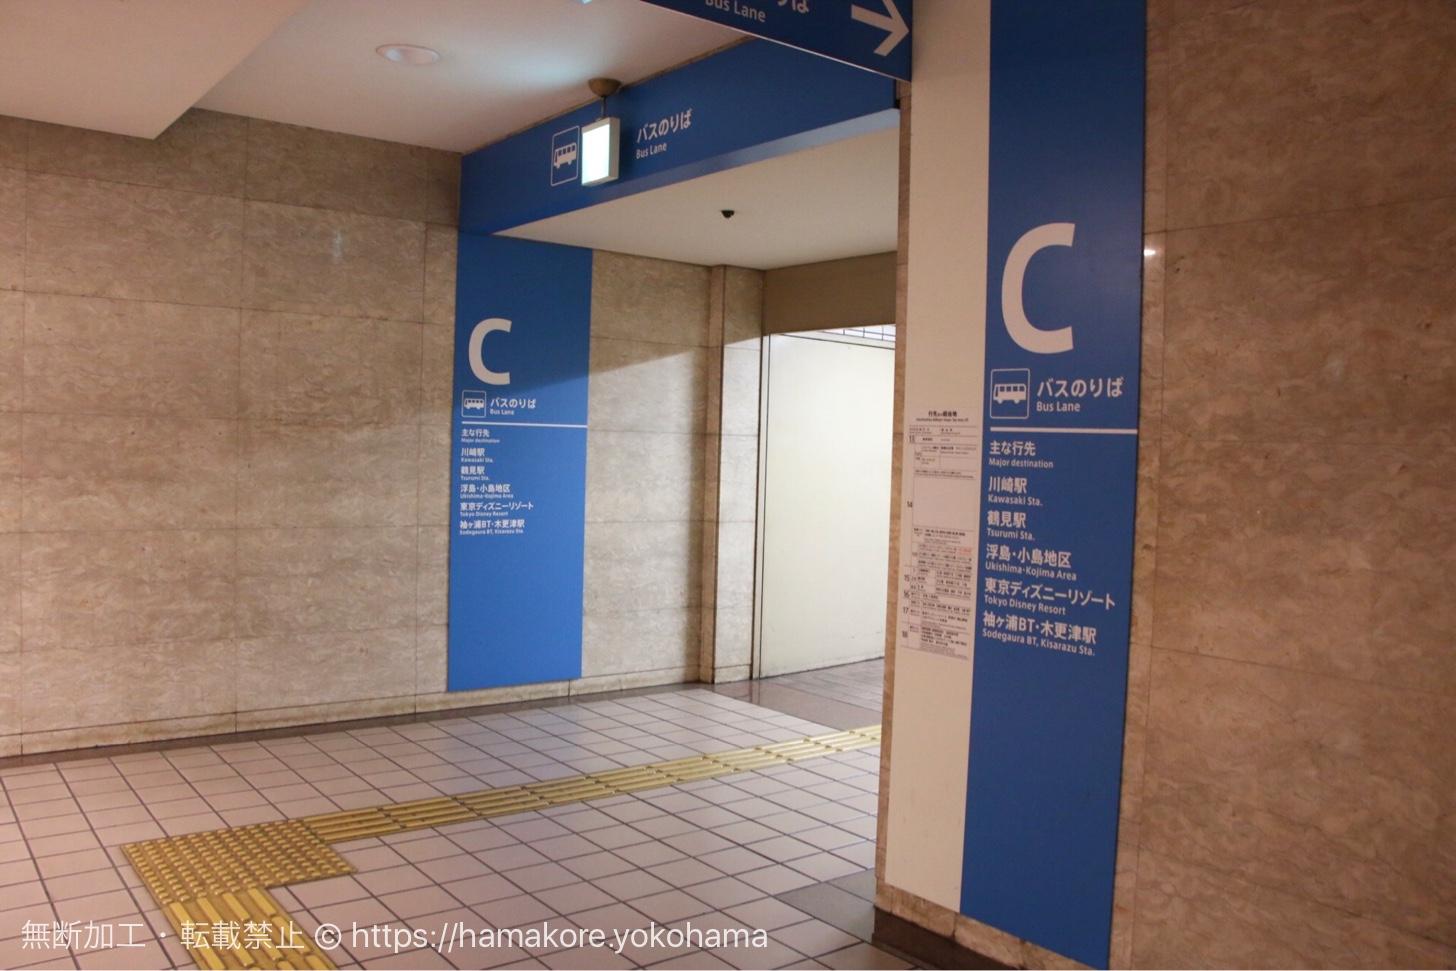 バスターミナル 入り口C